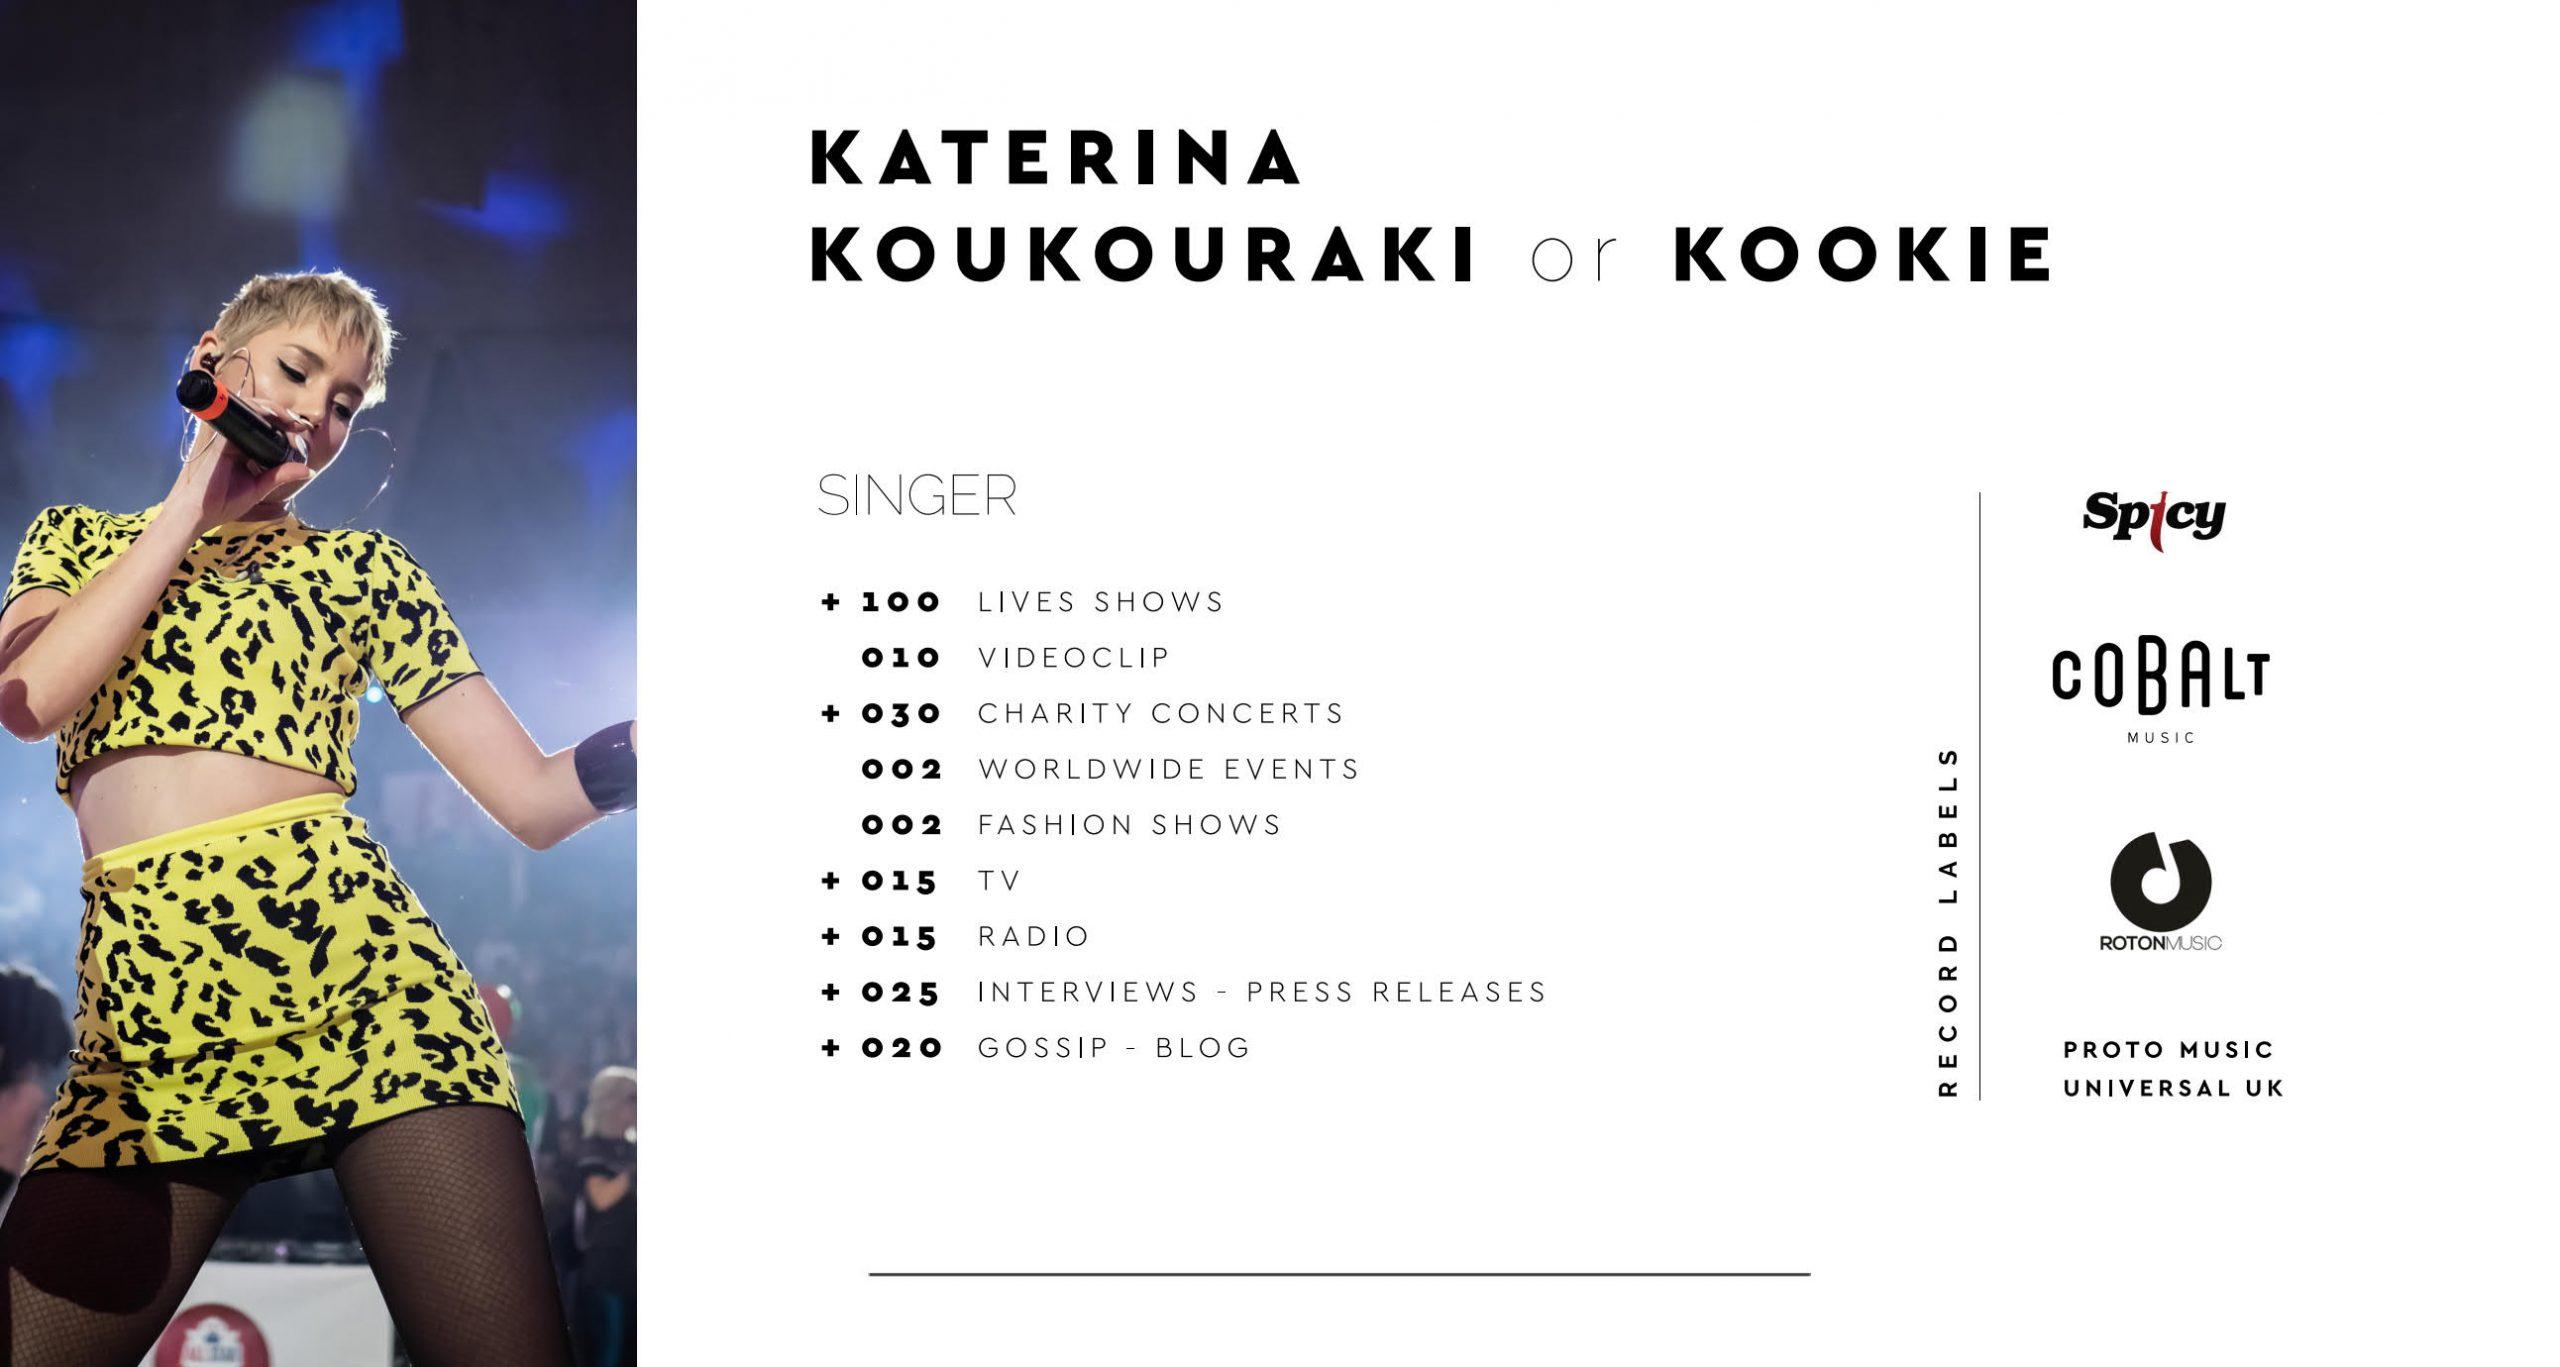 Κατερινα Κουκουρακη - Katerina Koukouraki - Biography